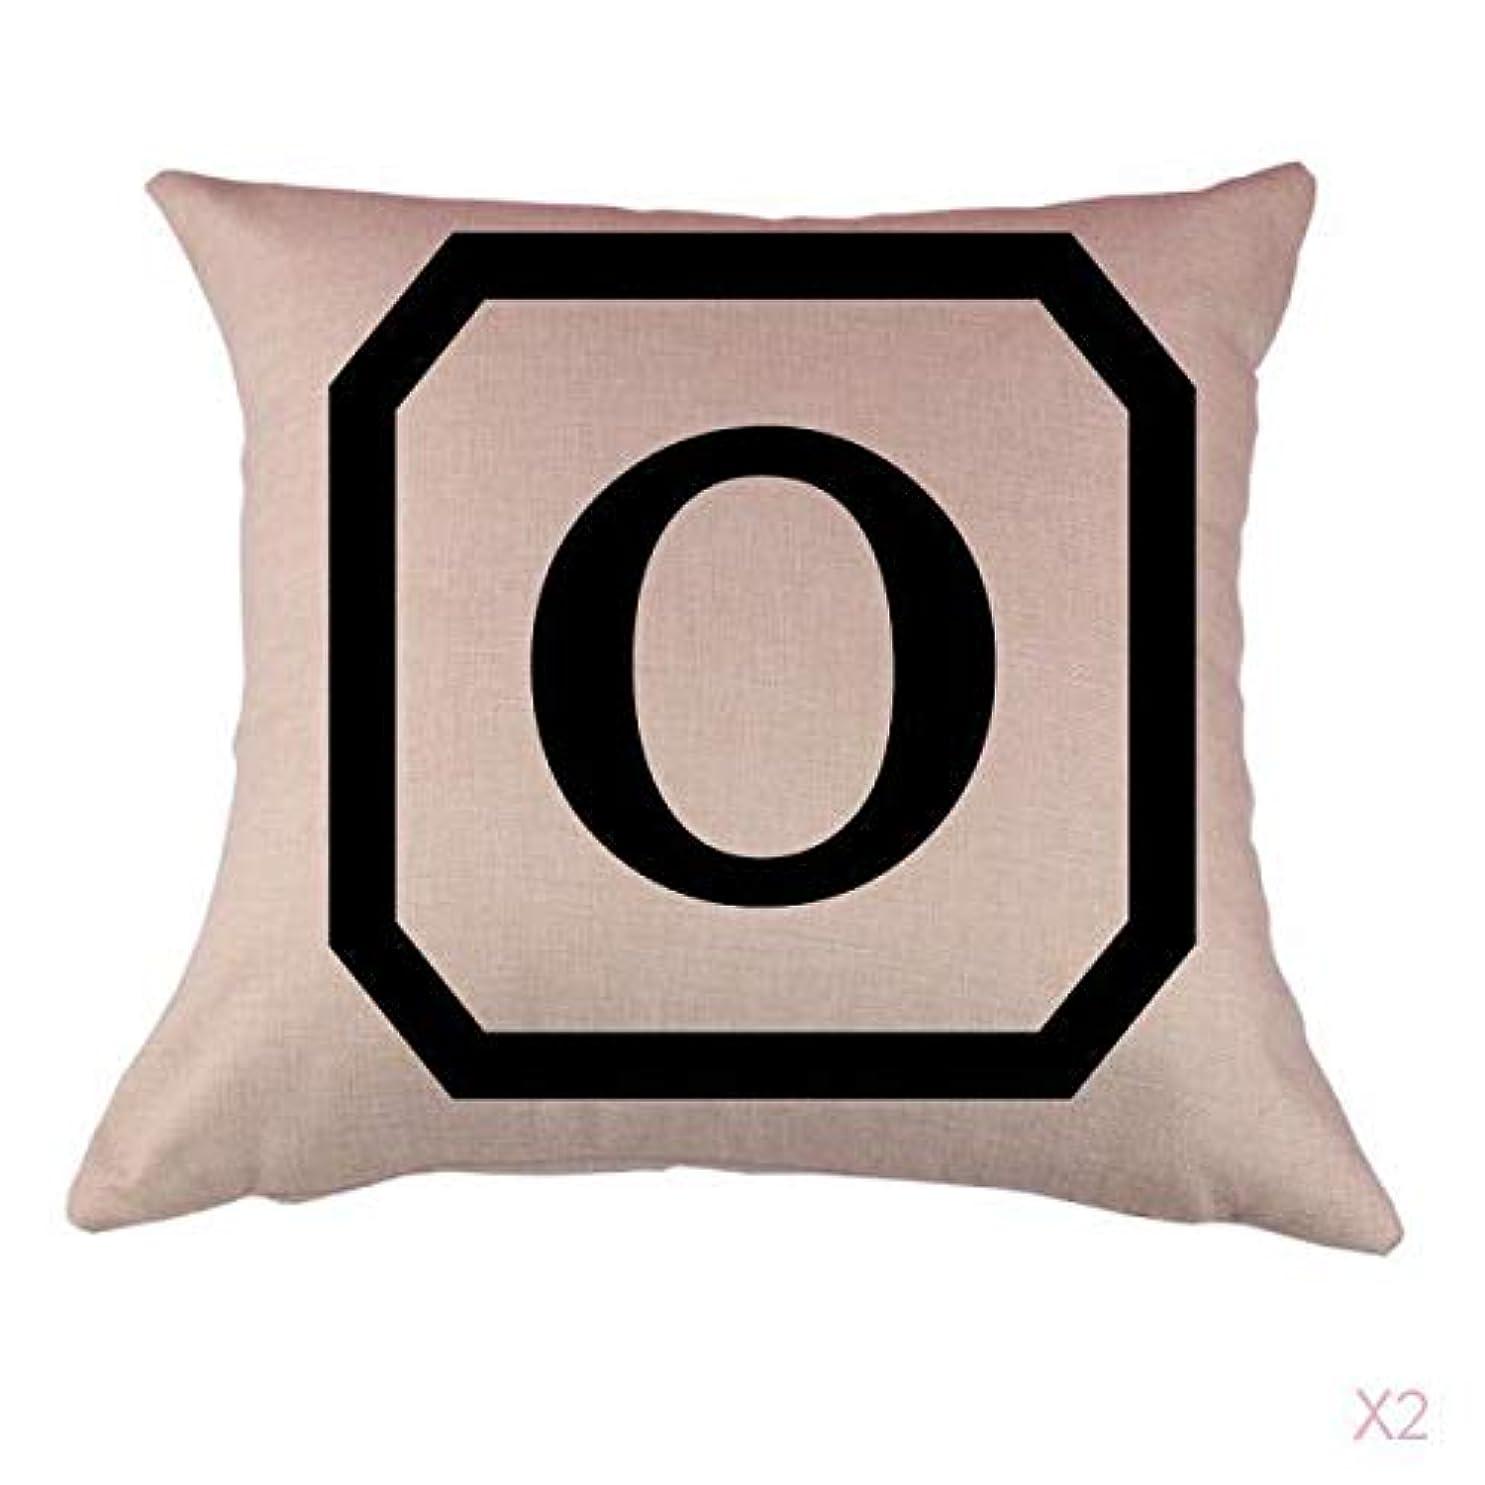 代表するフロー見捨てるFLAMEER コットンリネンスロー枕カバークッションカバー家の装飾、初期アルファベットのO